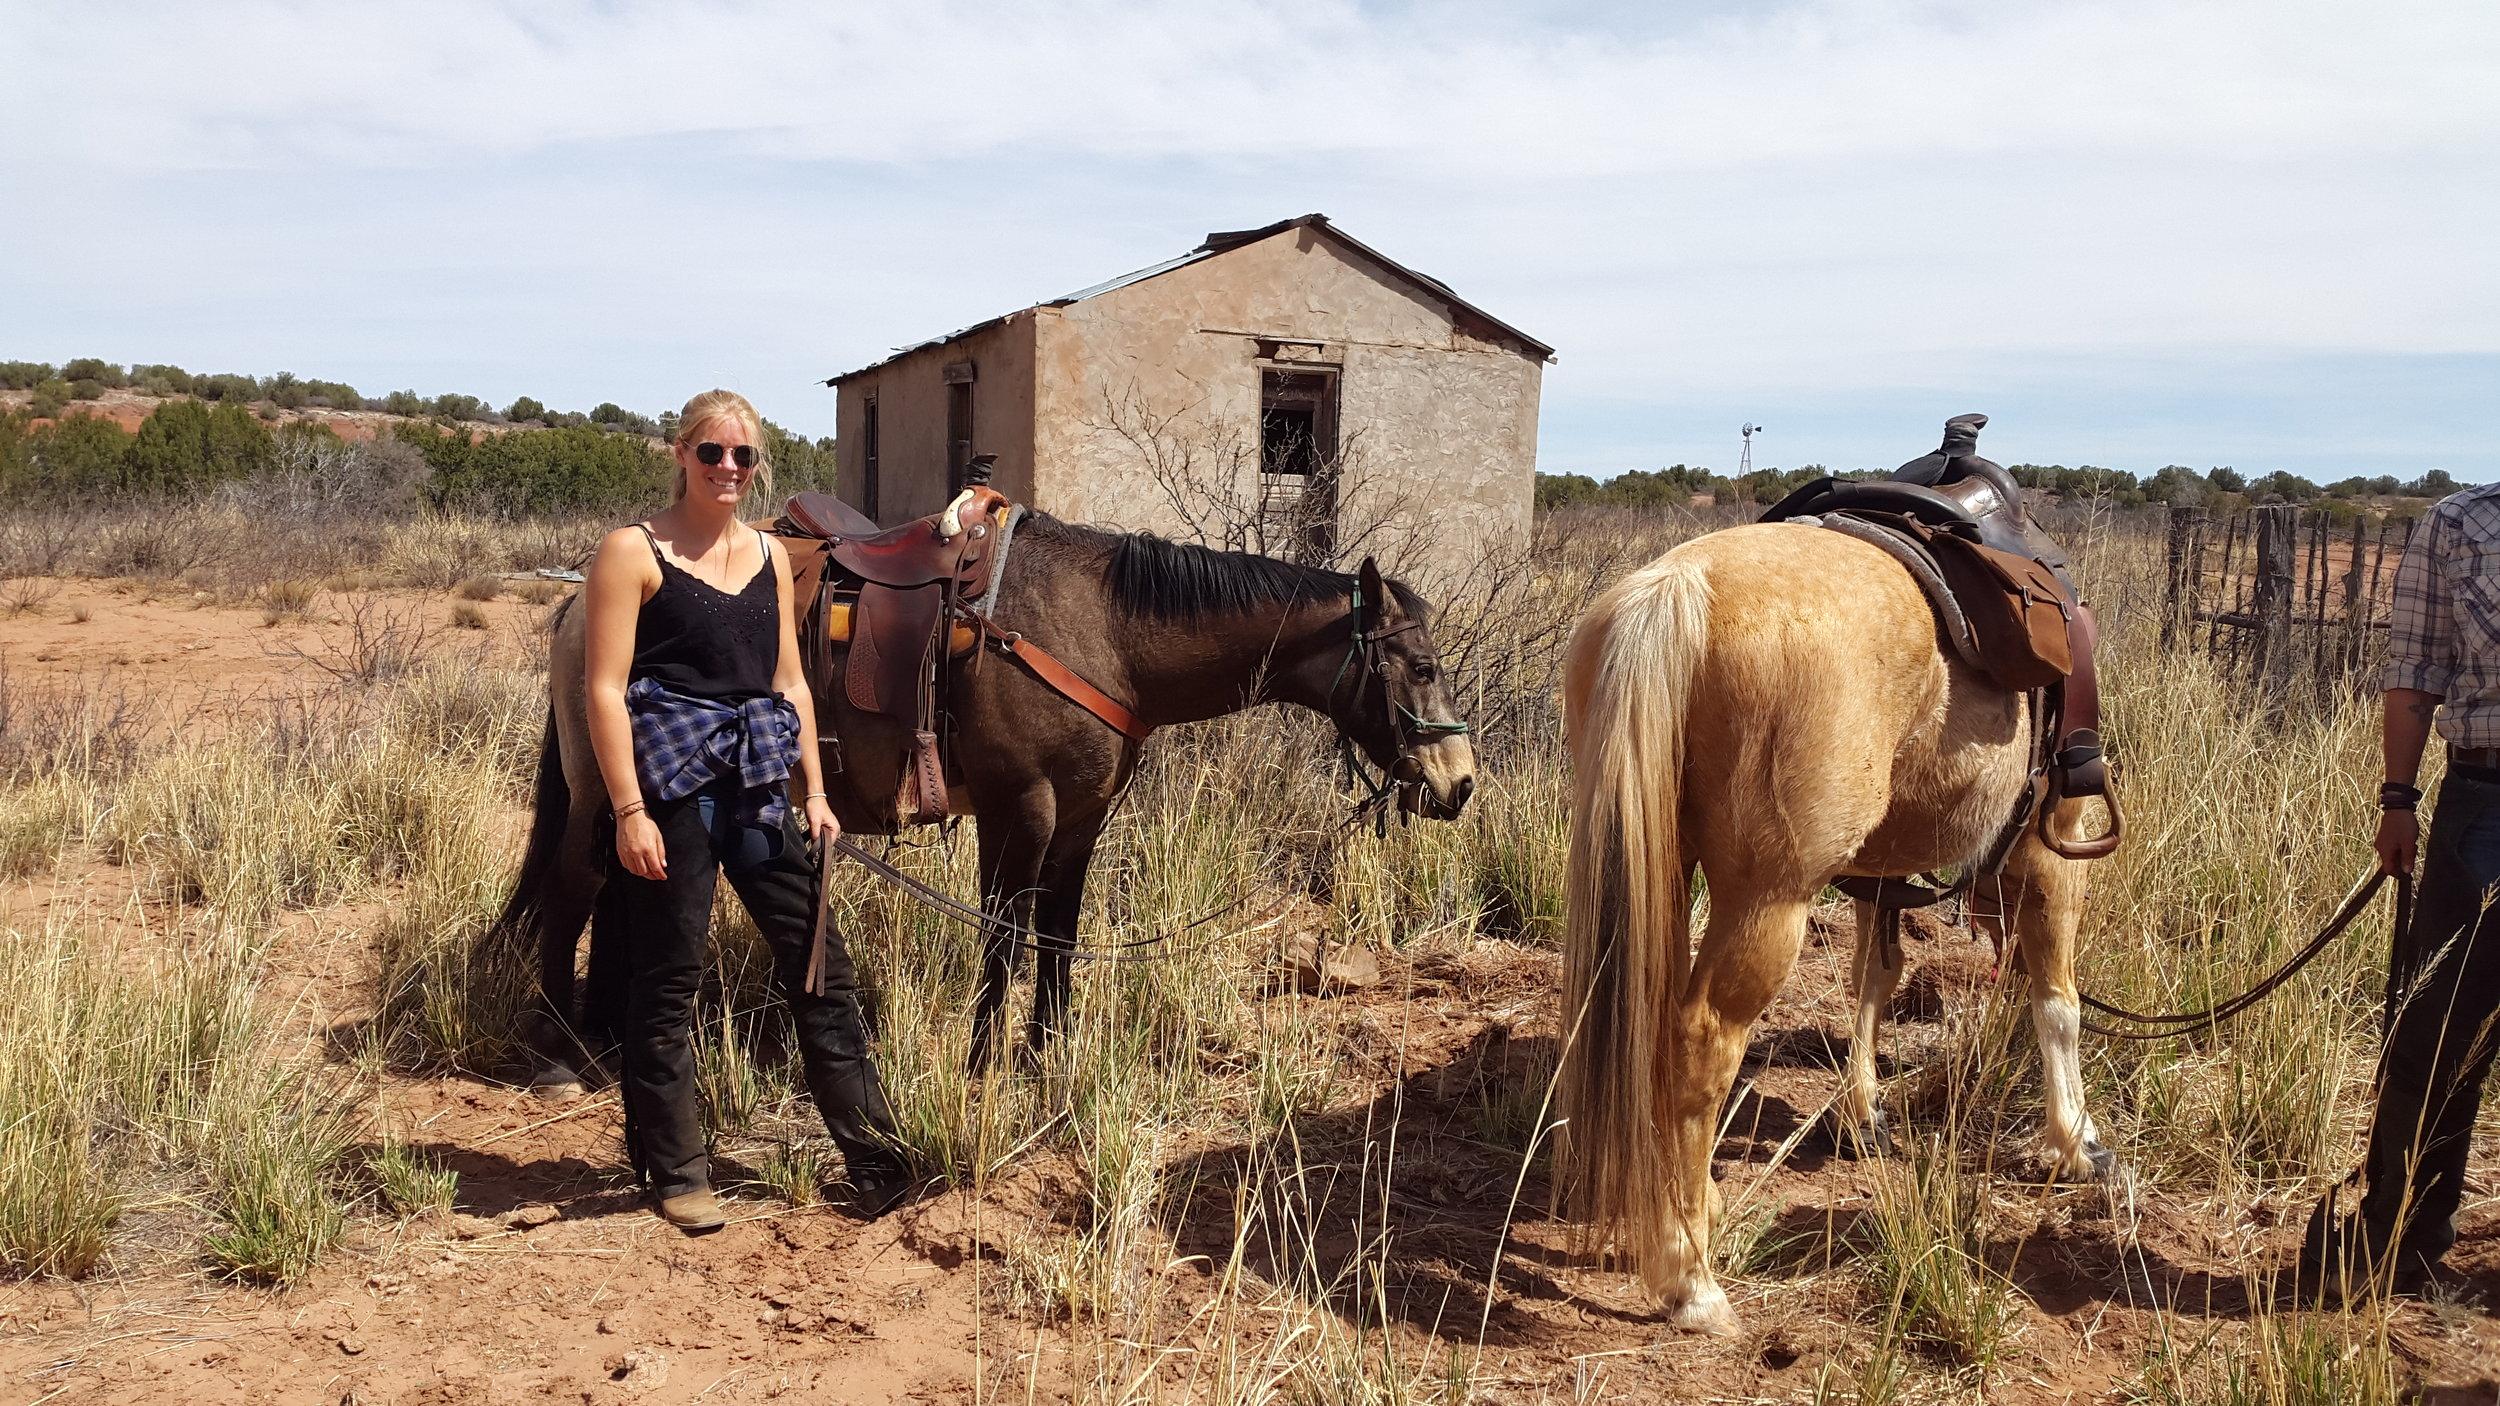 After we gathered some cattle in the pen. From left to right: Meike with Dusty….  Nachdem wir ein paar Rinder in den Pen getrieben haben. Von links nach rechts: Meike mit Dusty….